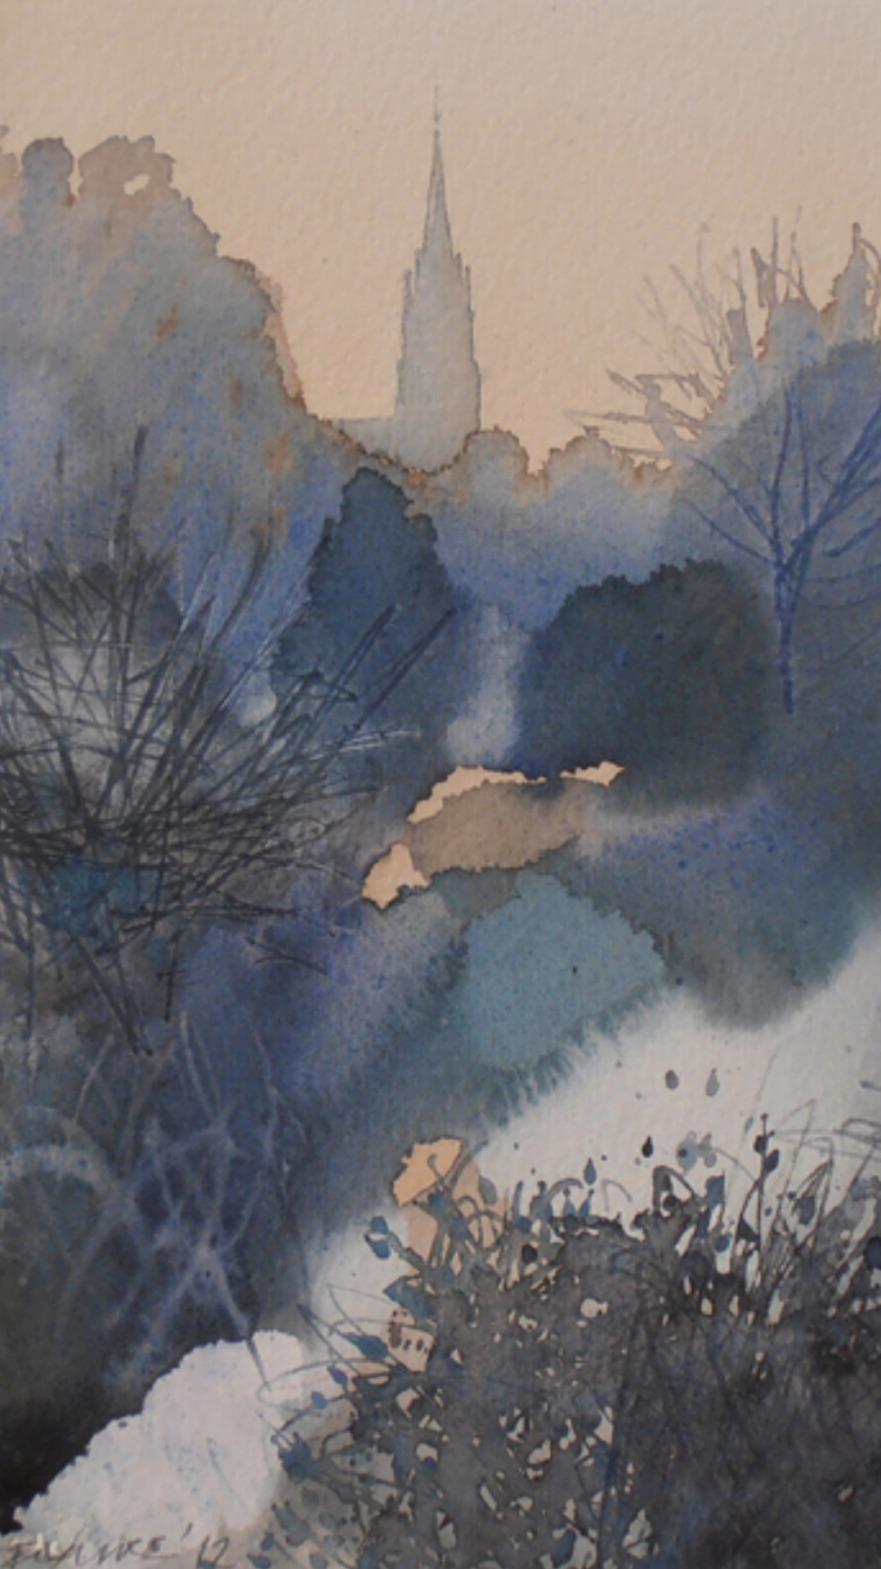 aScreenshot_2018-12-19 Screenshot_2018-12-17-Watercolour-paintings-Penovác-Endre-Penovac-Endre-Endre-Penovac jpg (JPEG Imag[...]